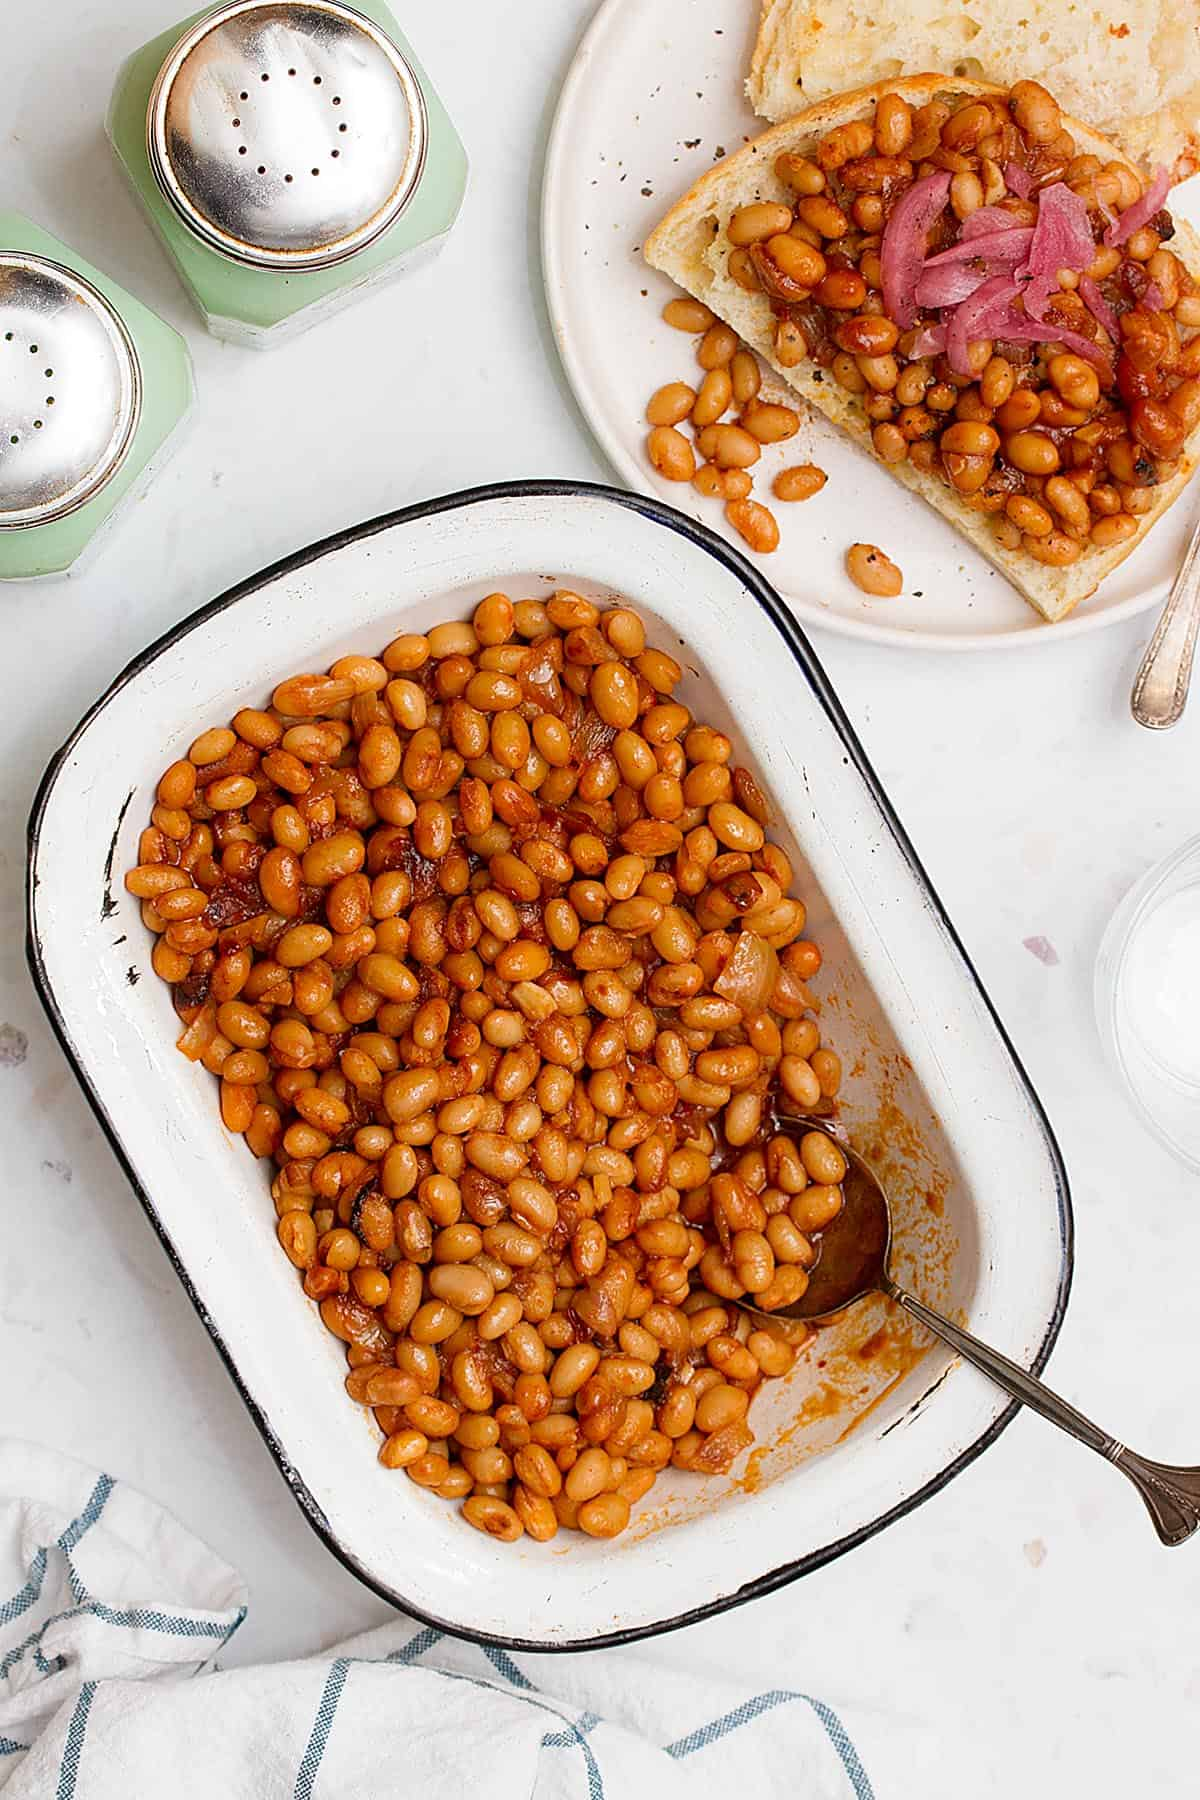 healthy baked beans no molasses and no sugar